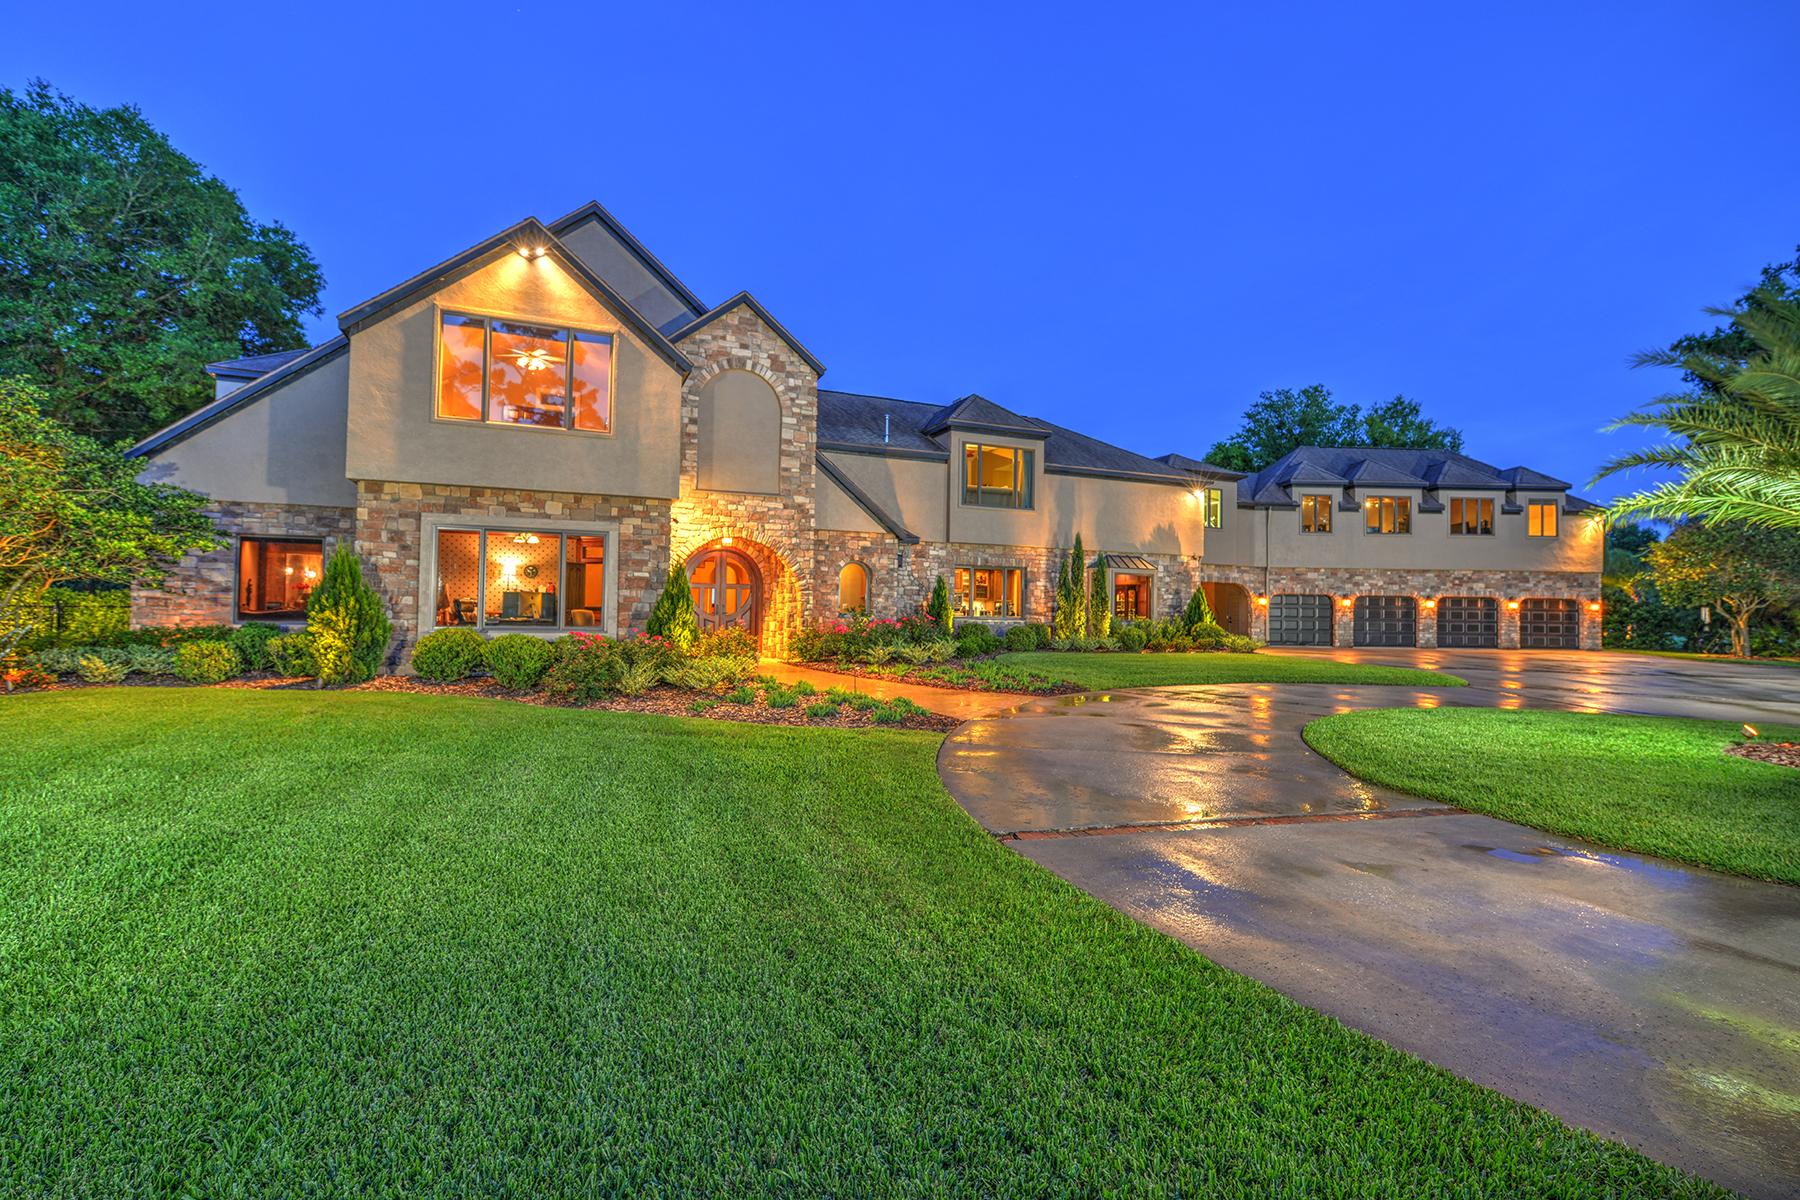 Casa para uma família para Venda às ORMOND BEACH 425 Pine Bluff Trl Ormond Beach, Florida, 32174 Estados Unidos